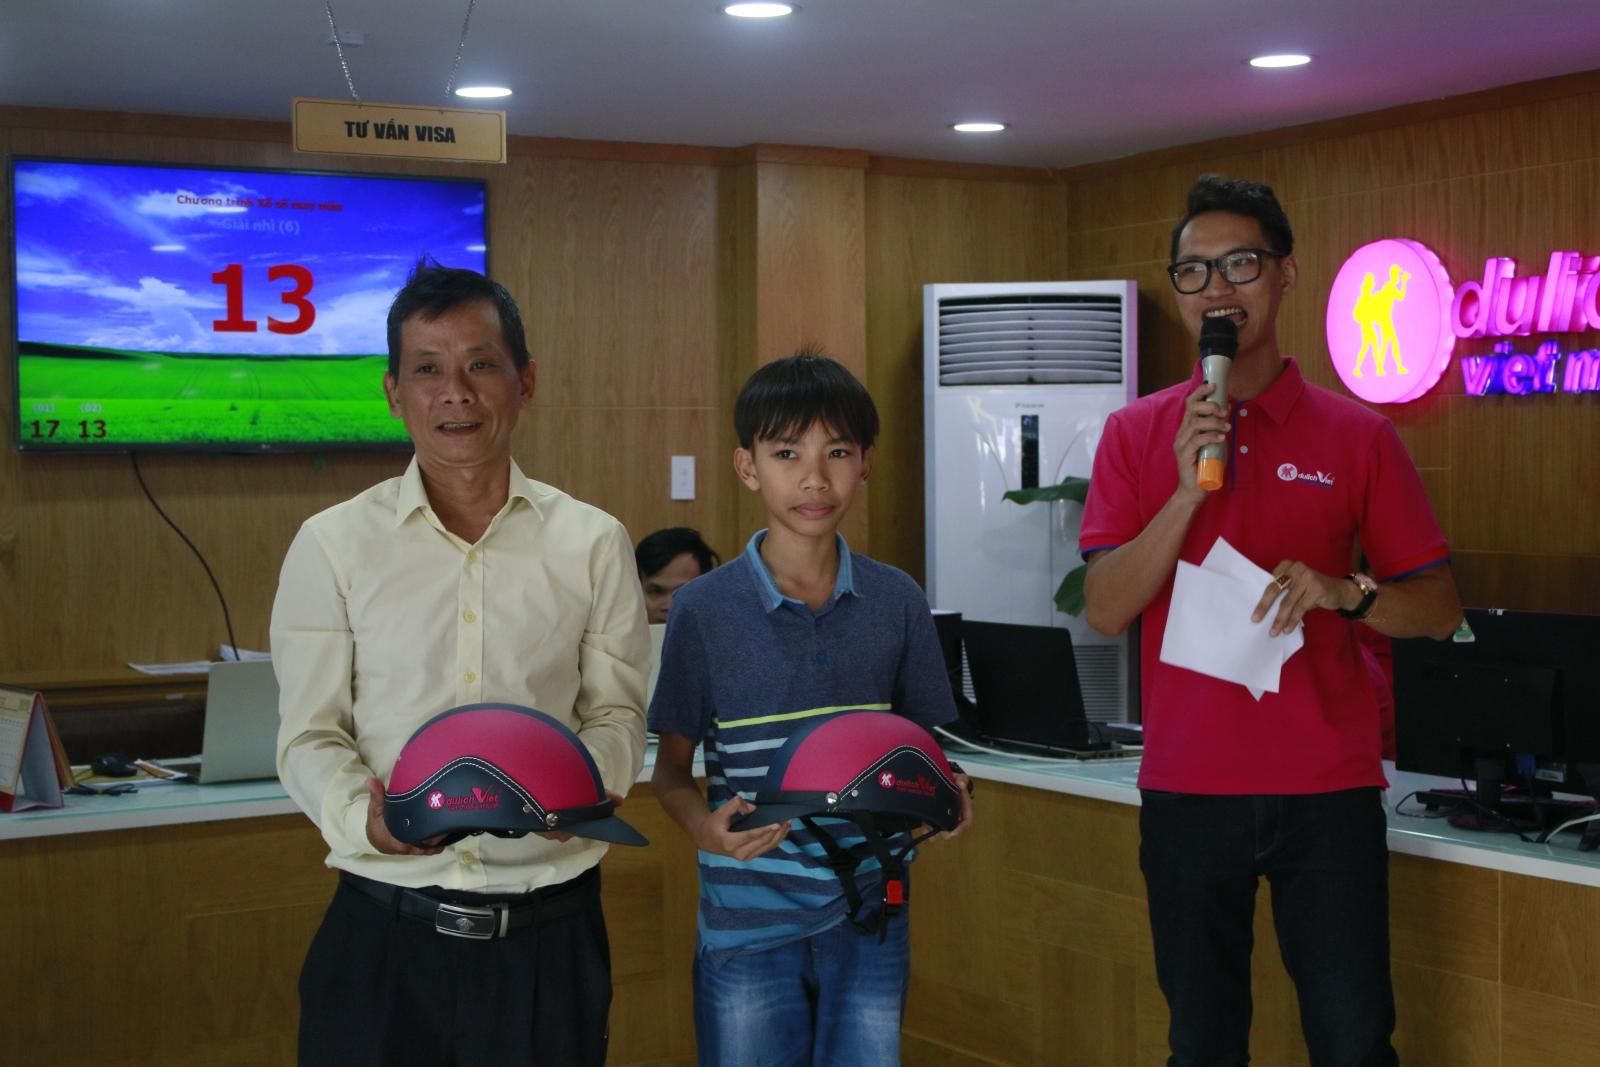 Chúc mừng Quý khách trúng Tour Hoa kỳ tuần đầu tiên khi mua Tour của Du Lịch Việt